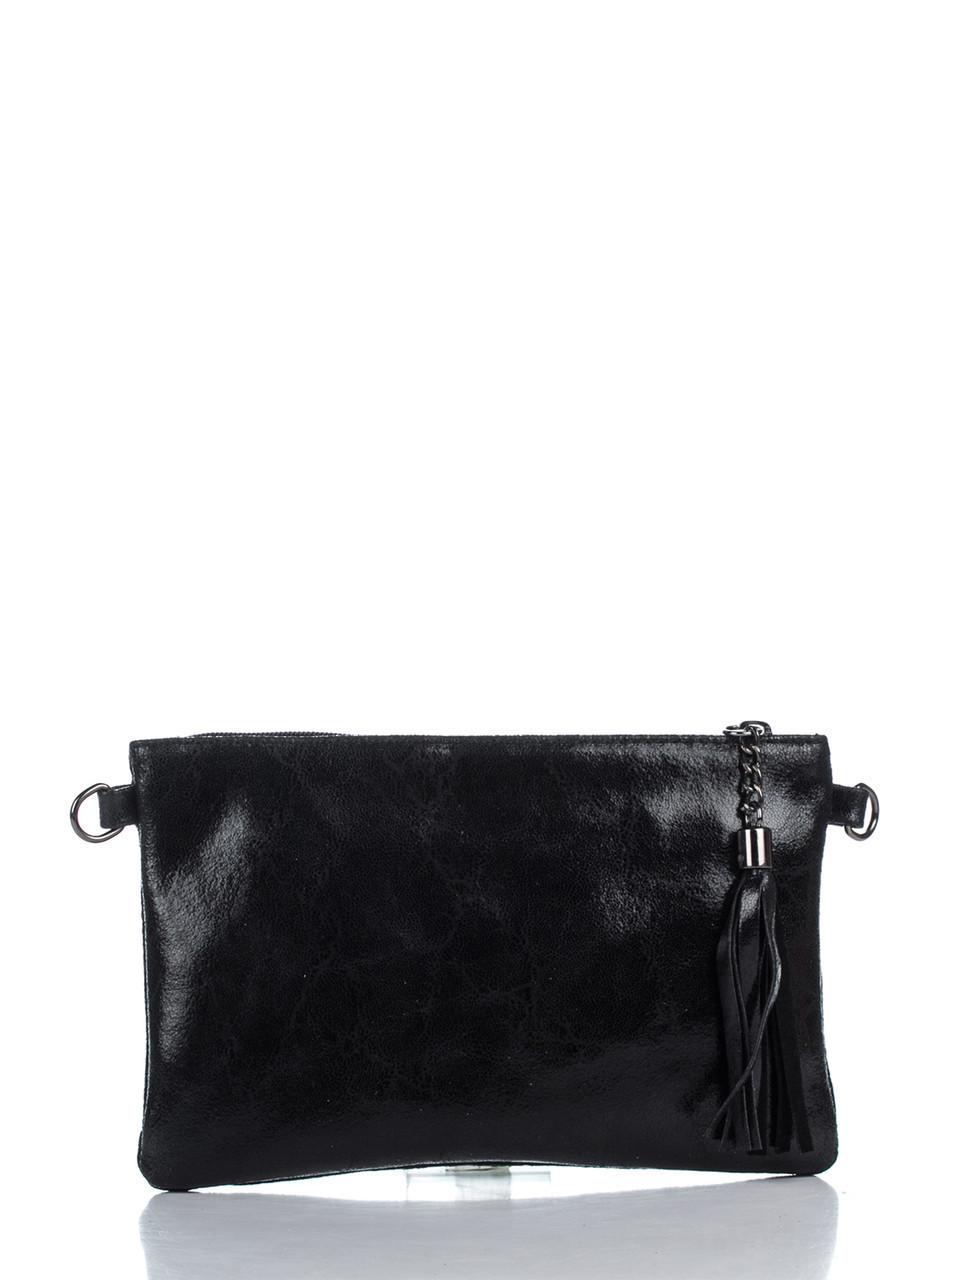 Женская кожаная сумка KATE Diva's Bag цвет черный